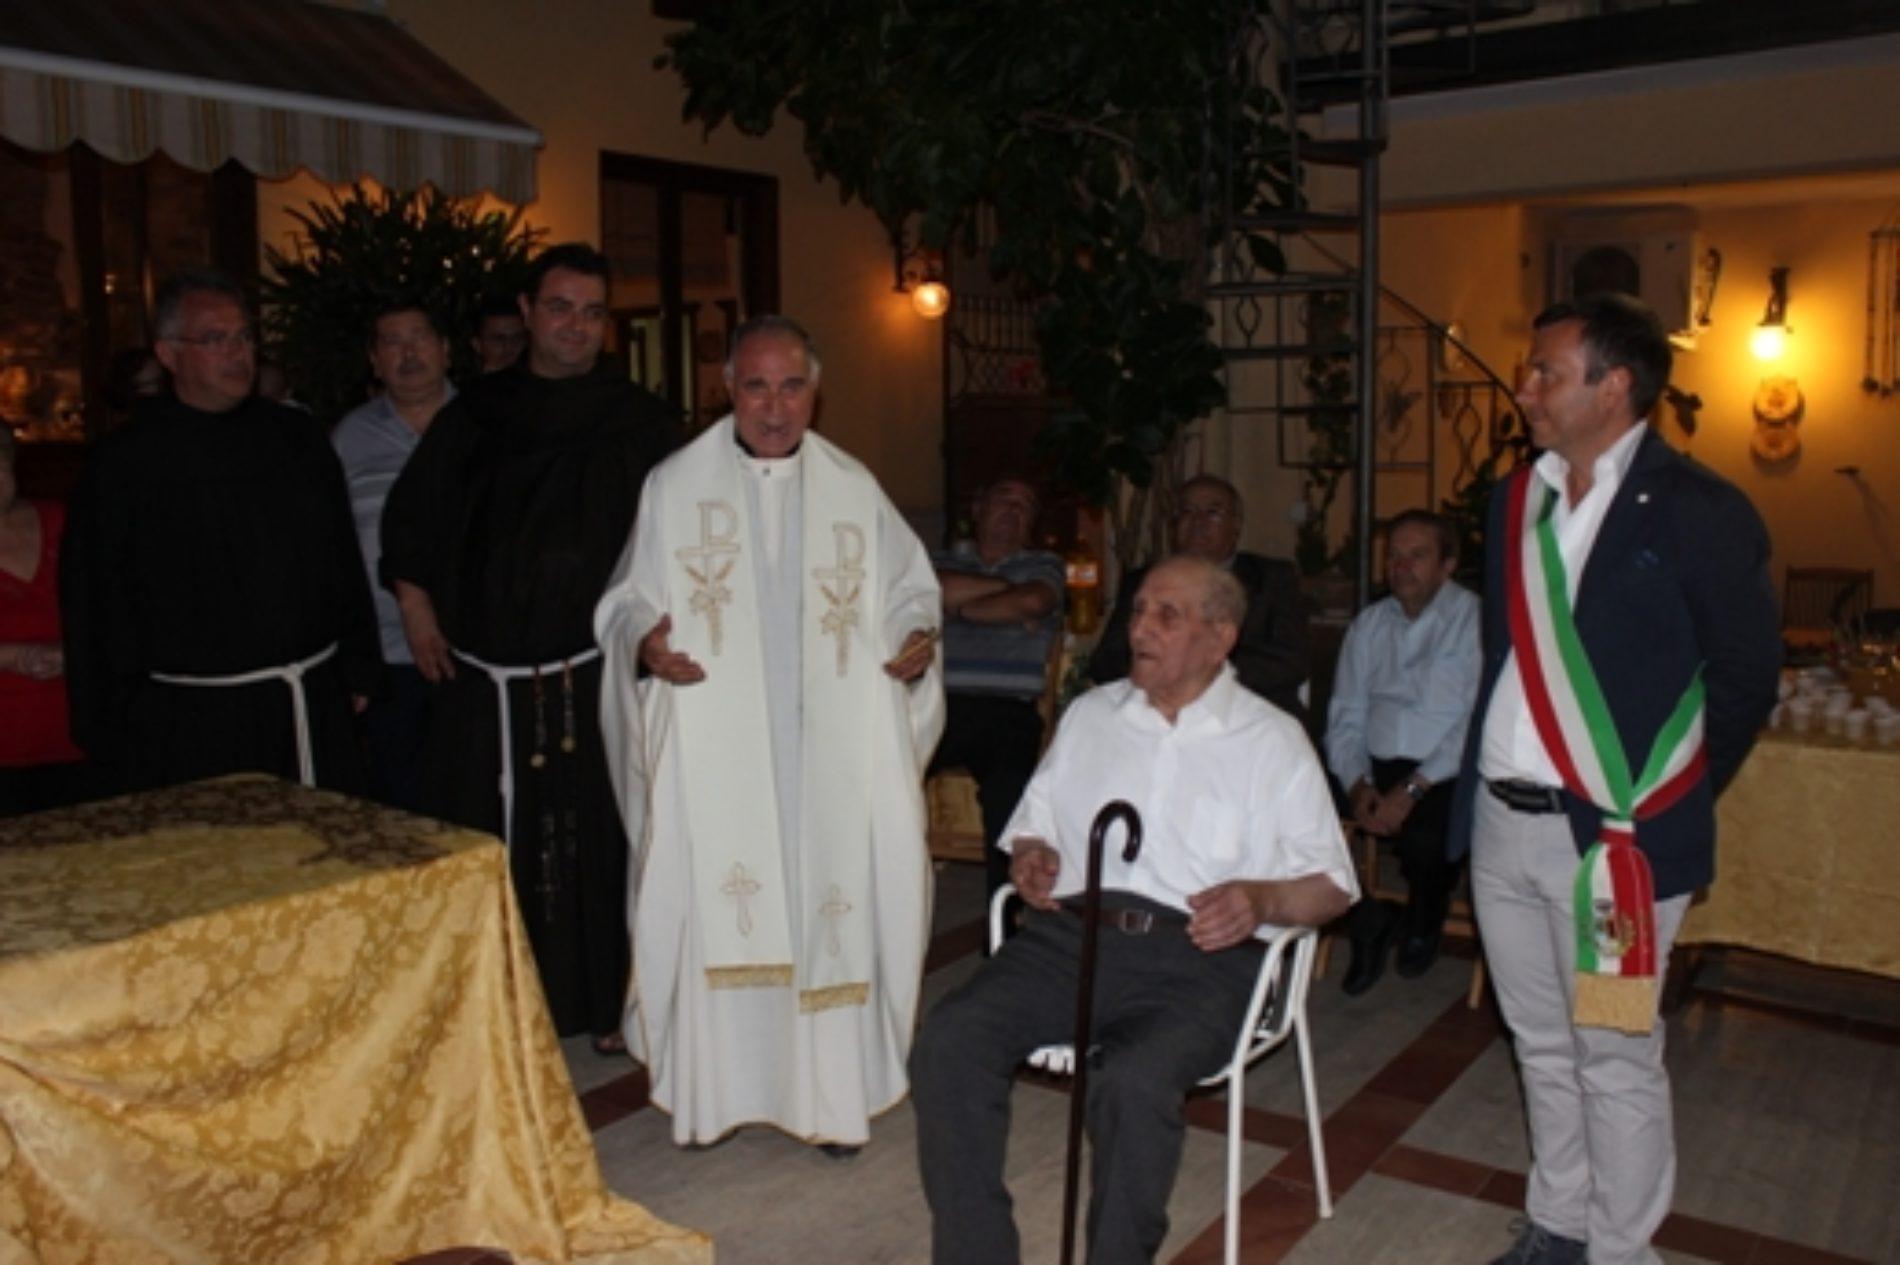 Festa per Luigi Patti che ha soffiato 100 candeline: un secolo di ricordi tra sofferenze e gioie